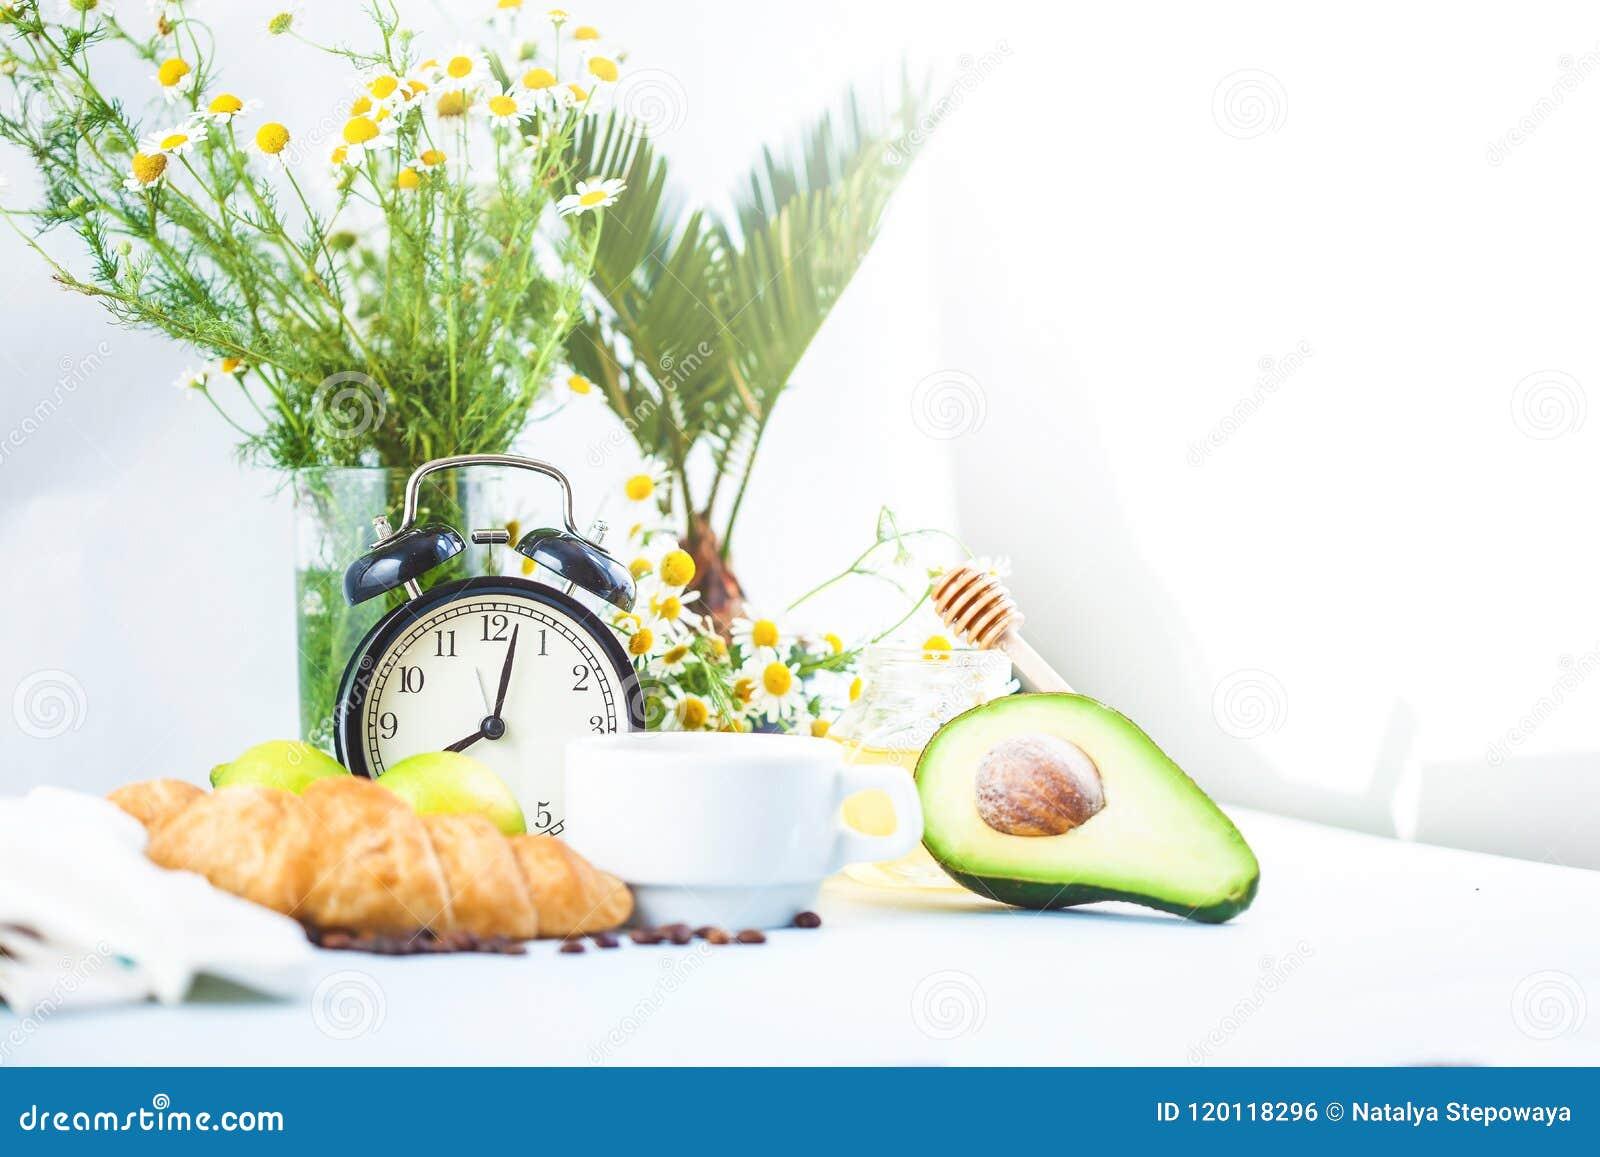 Πρόγευμα πρωινού, καφές σε ένα άσπρο αβοκάντο Croissant φλυτζανιών που ξυπνά με ένα φρέσκο αντίγραφο SP προγευμάτων ξυπνητηριών ε